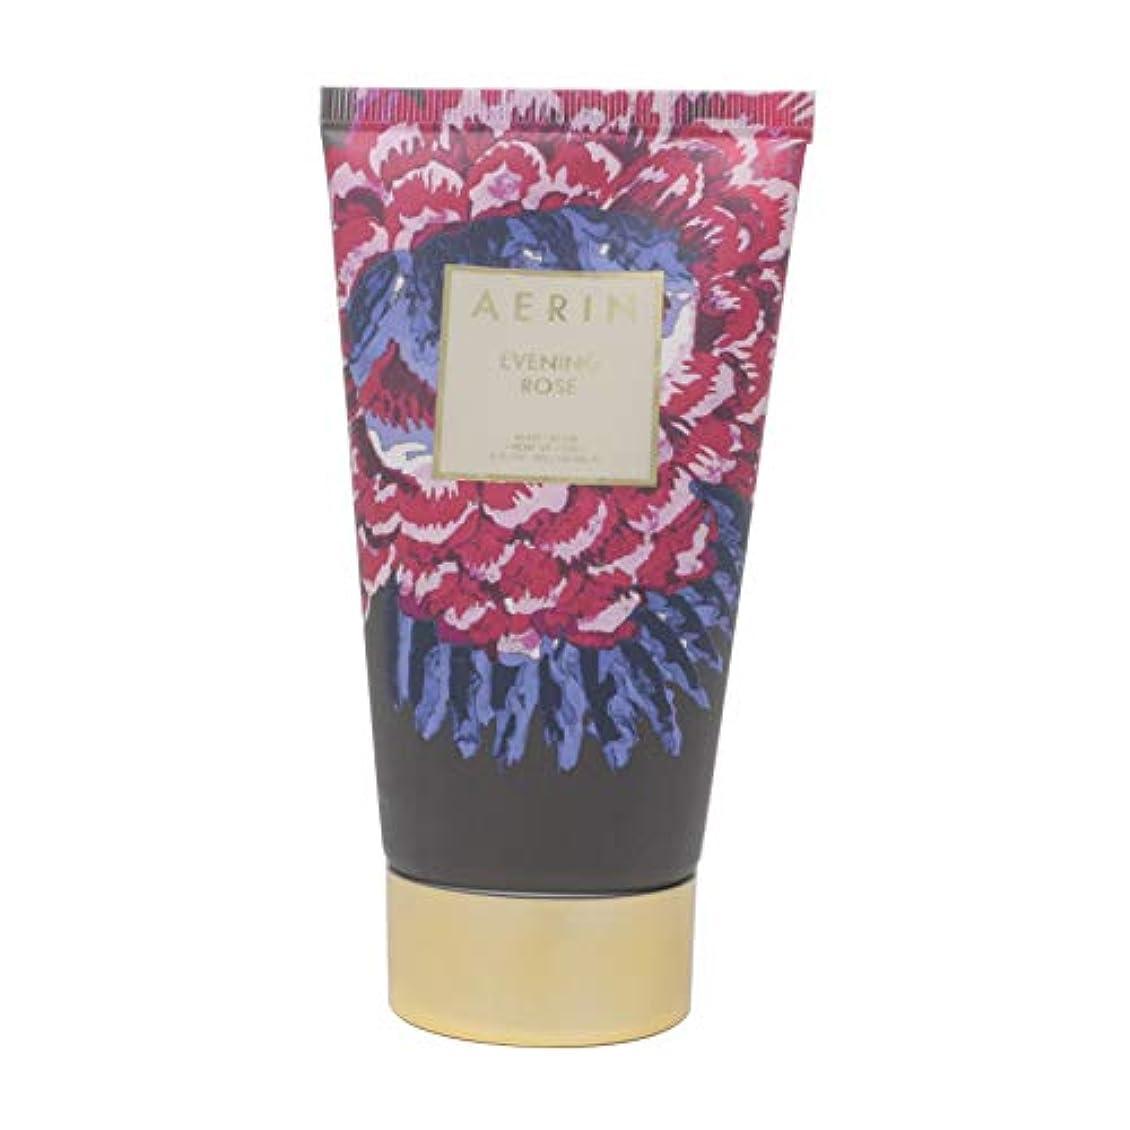 ウルル二層ロータリーAERIN 'Evening Rose' (アエリン イブニング ローズ) 5.0 oz (150ml) Body Cream ボディークリーム by Estee Lauder for Women